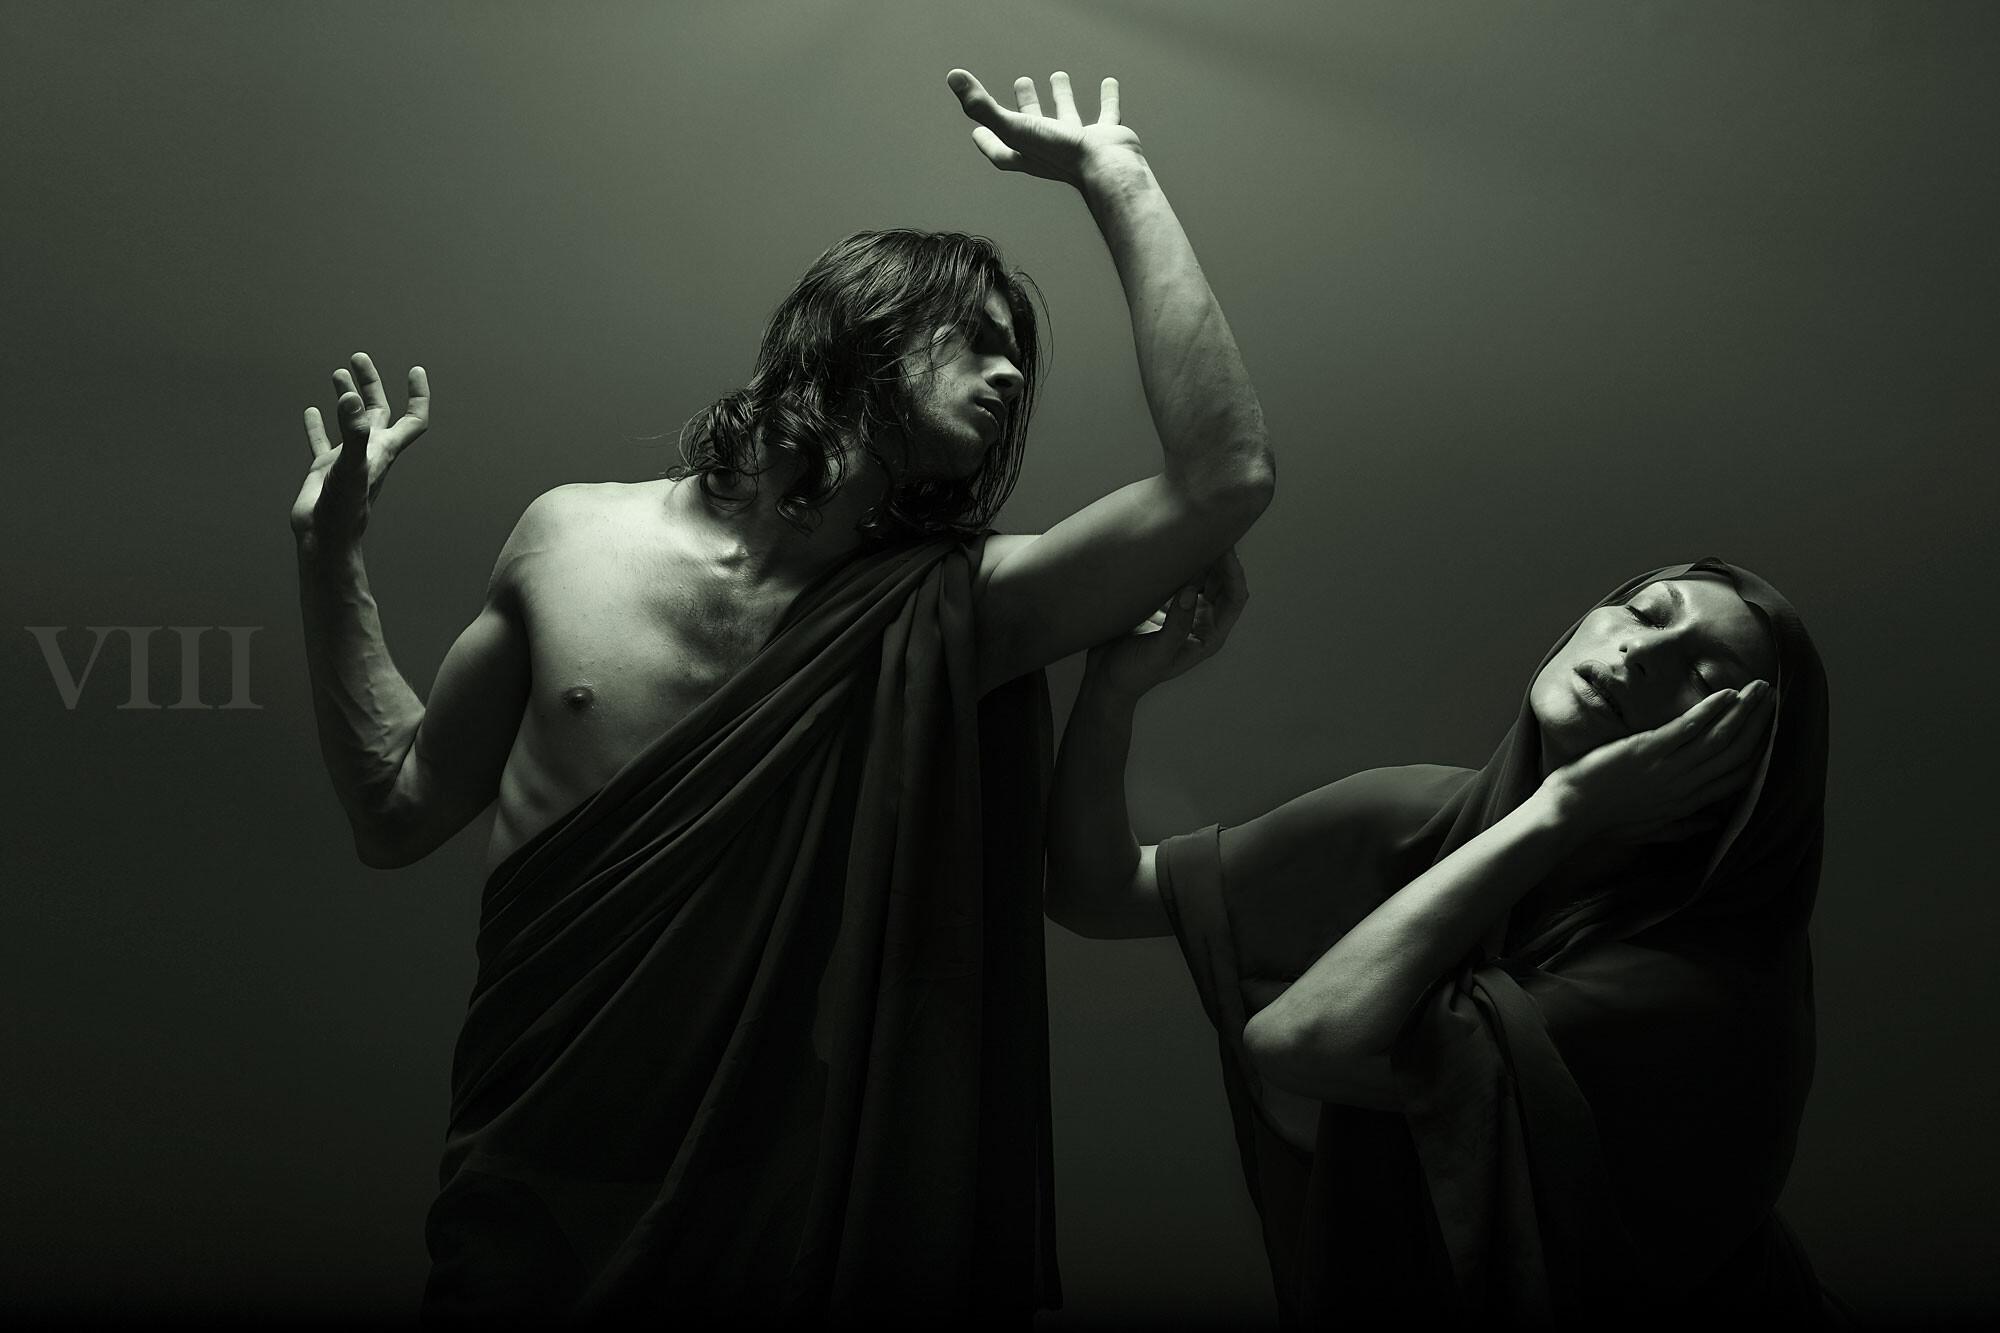 The passion, mostra fotografica di Toni Campo